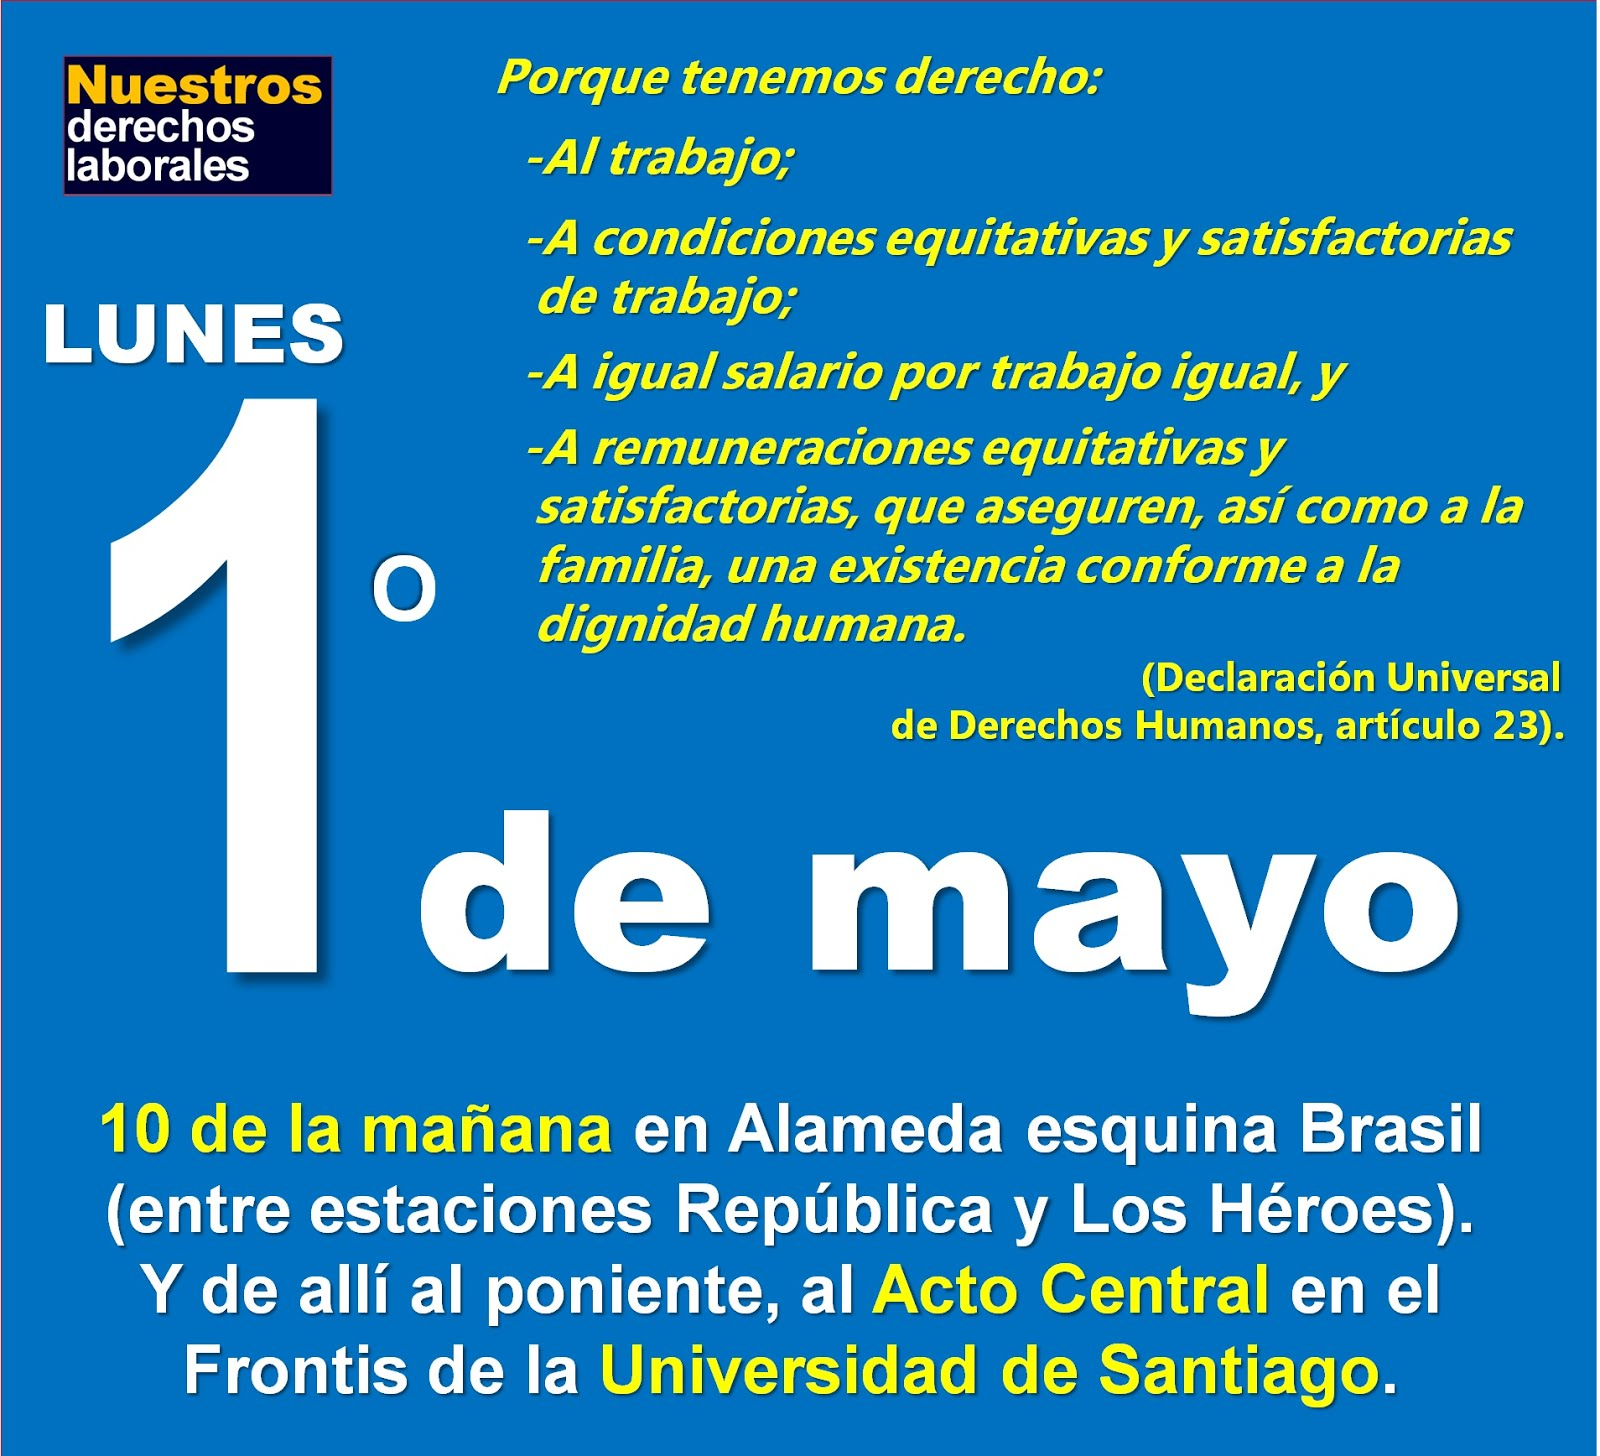 Lunes 1° de mayo de 2017 en Santiago. 10 de la mañana en Alameda con Brasil.